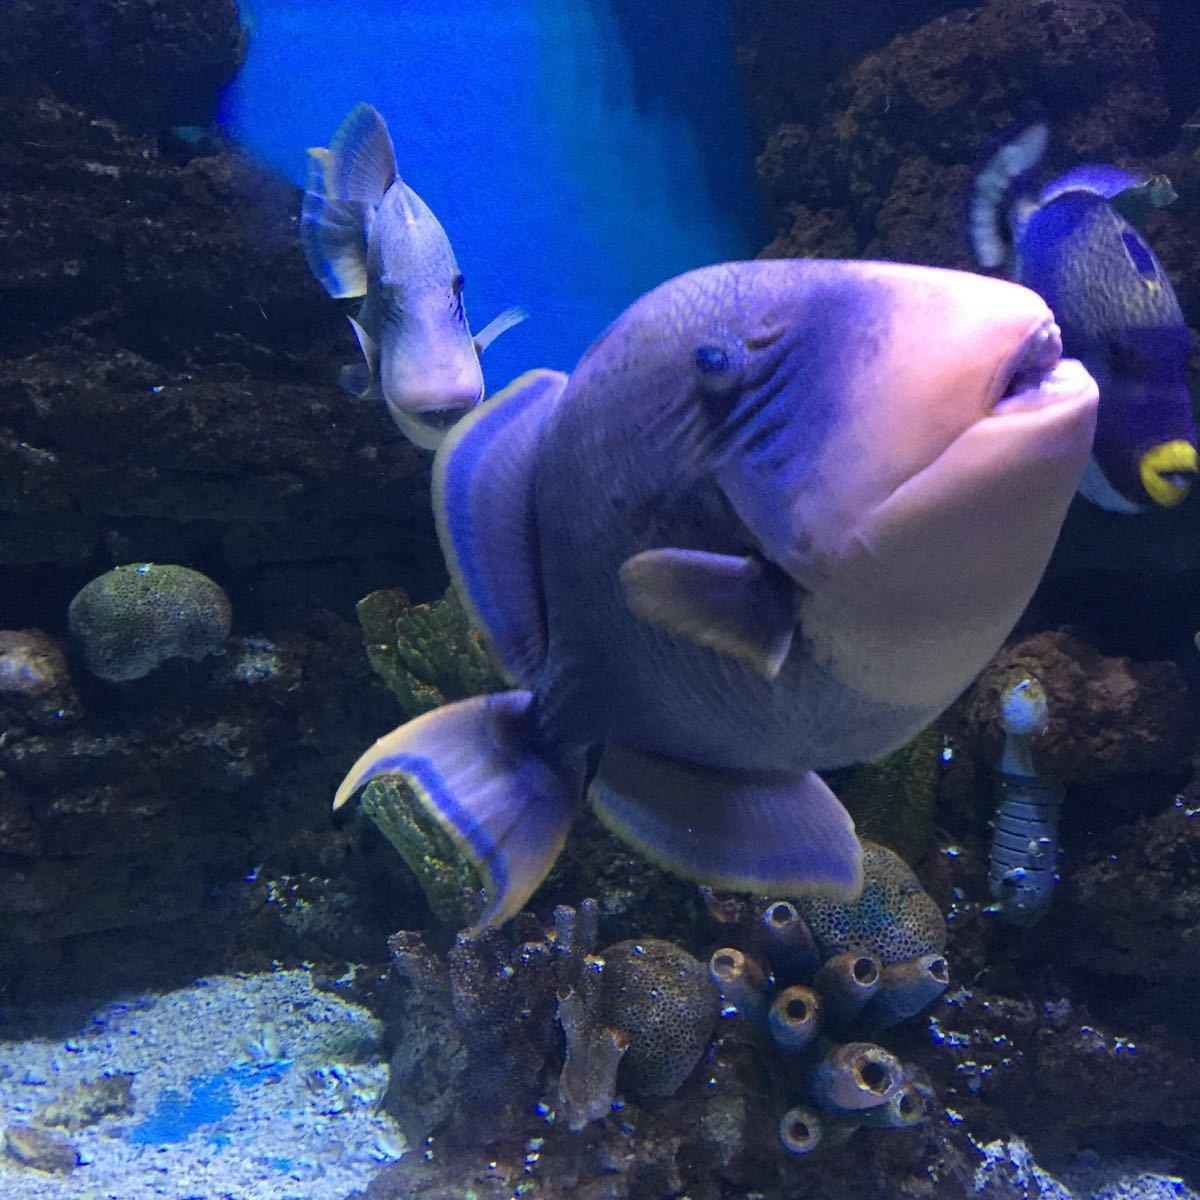 【携程攻略】安徽合肥合肥海洋世界好玩吗